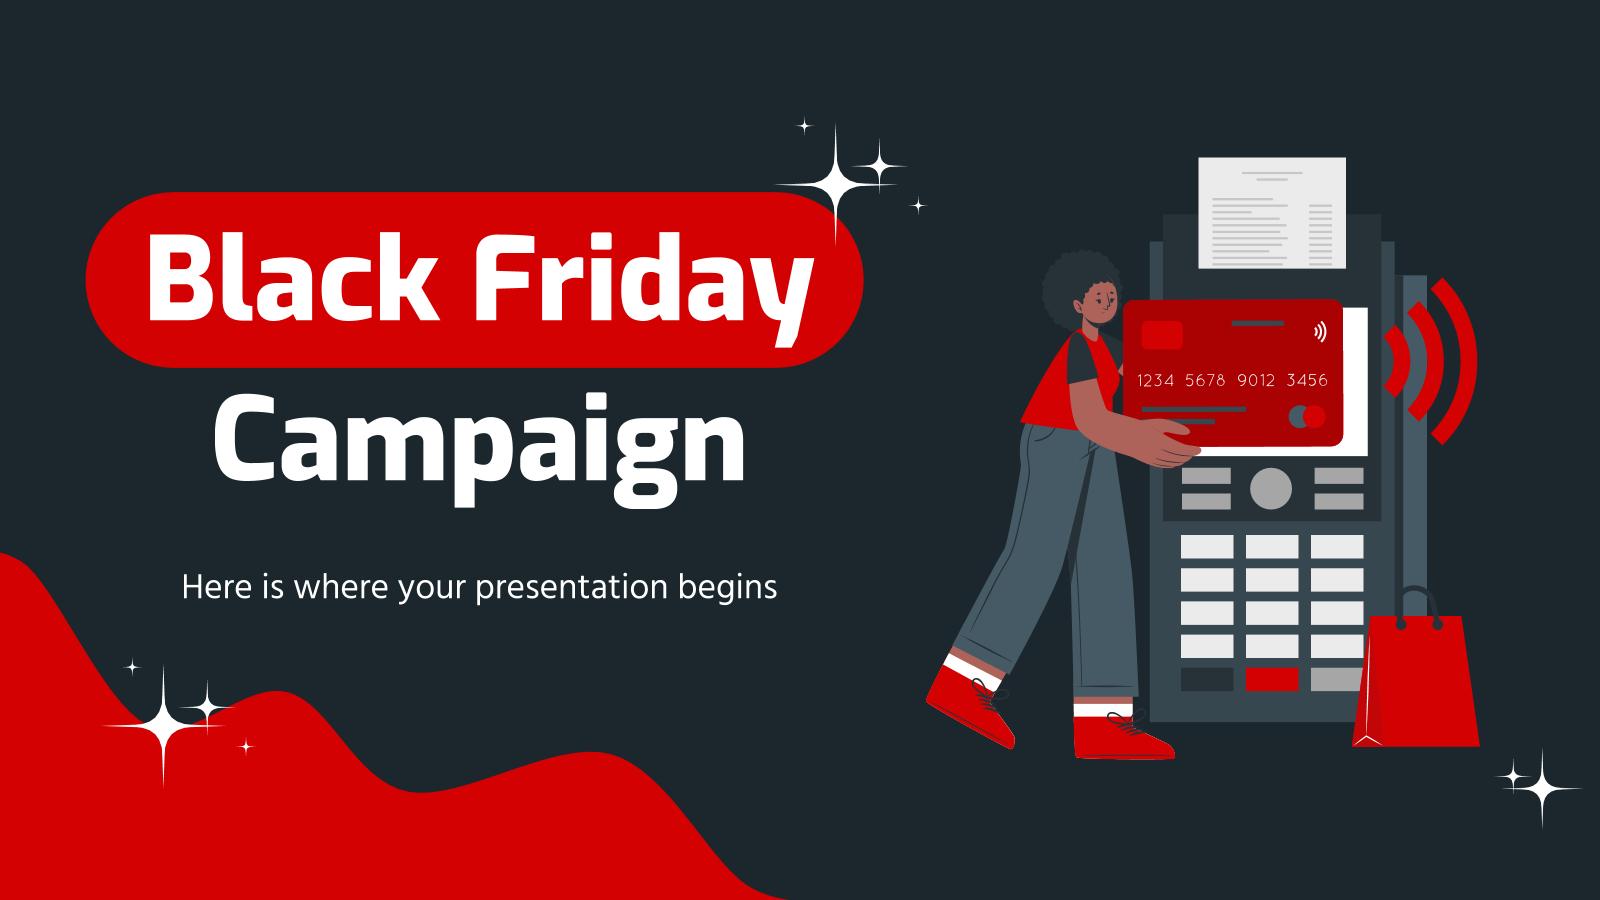 Modelo de apresentação Campanha do Black Friday